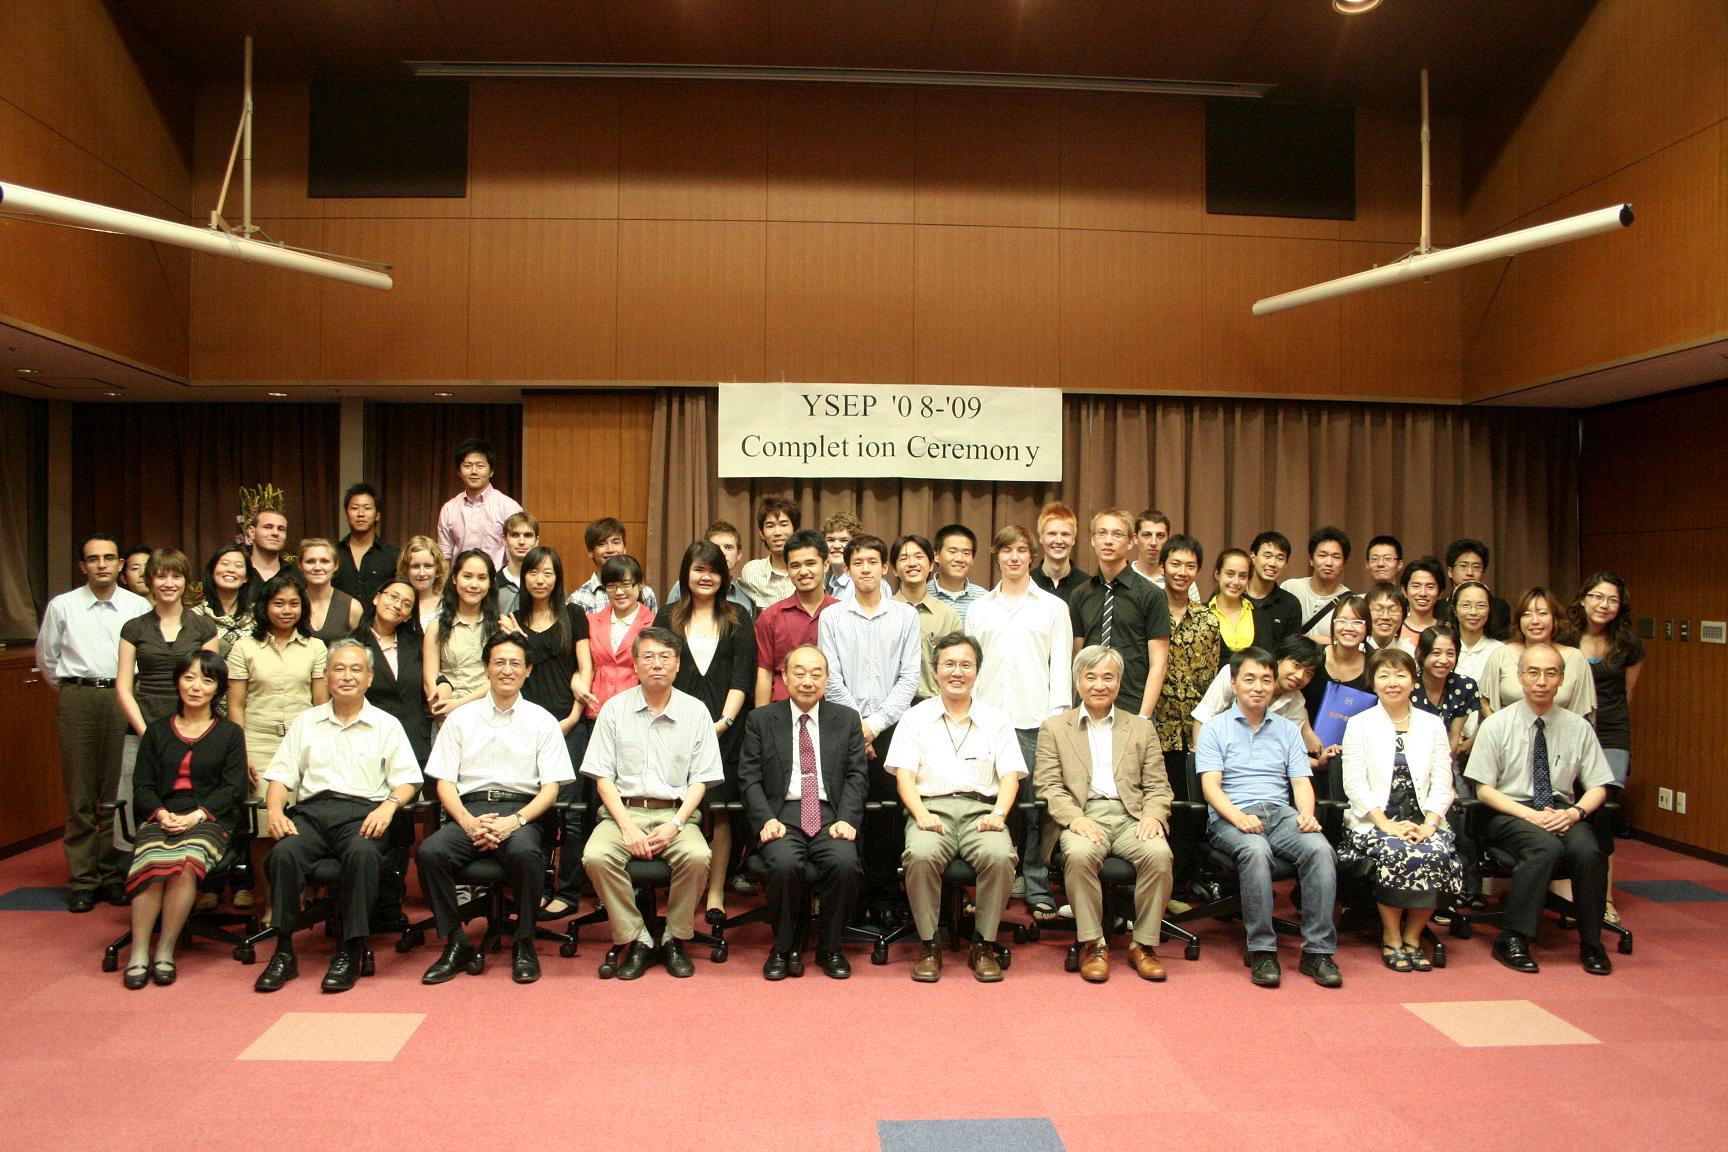 YSEP2008-2009